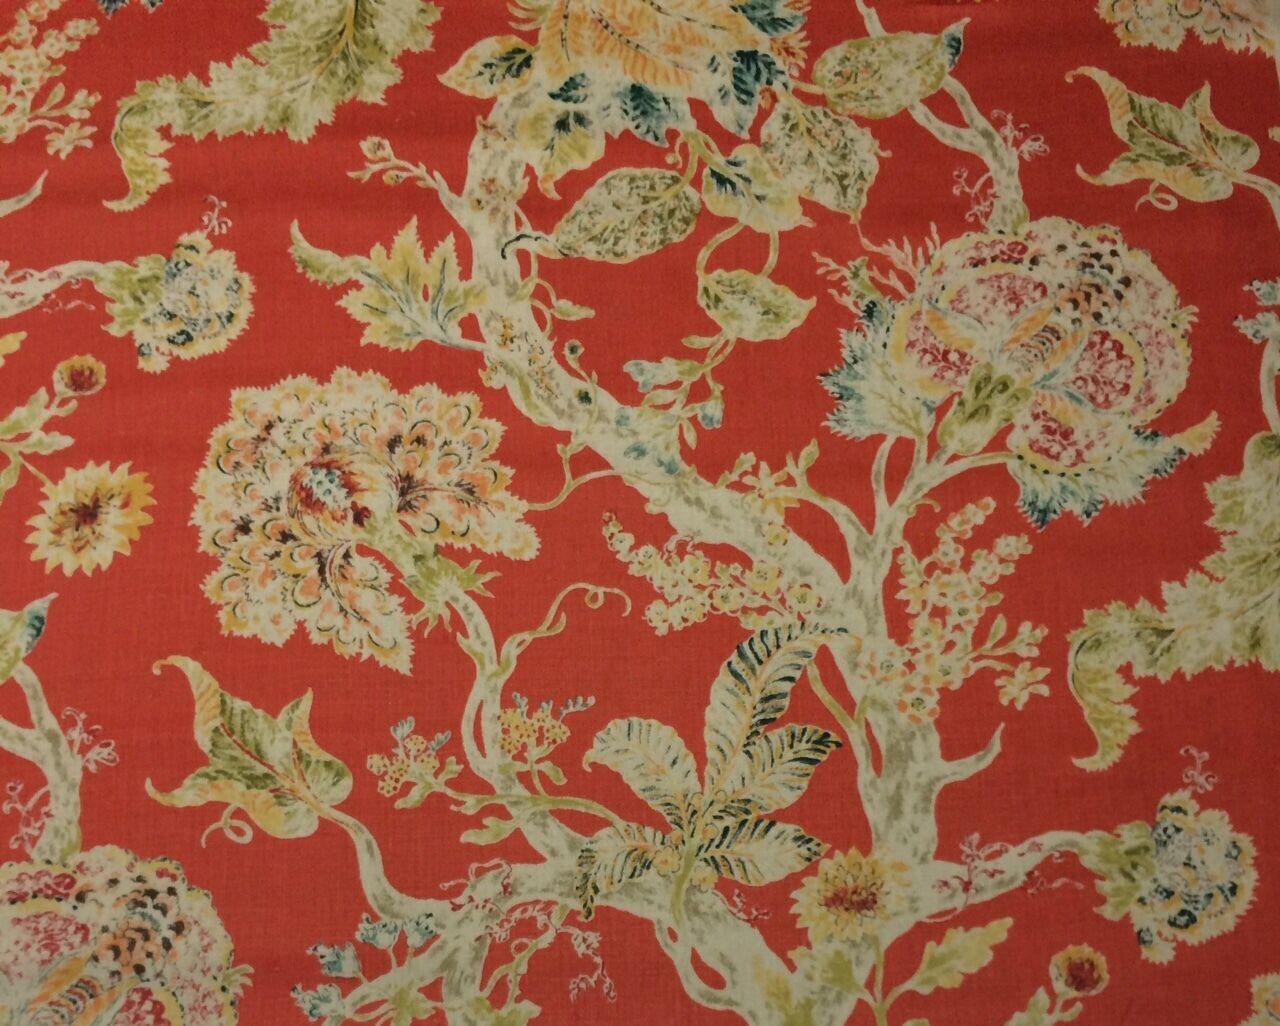 ballard designs rayna coral red floral 100 linen designer fabric ballard designs rayna coral red floral 100 linen